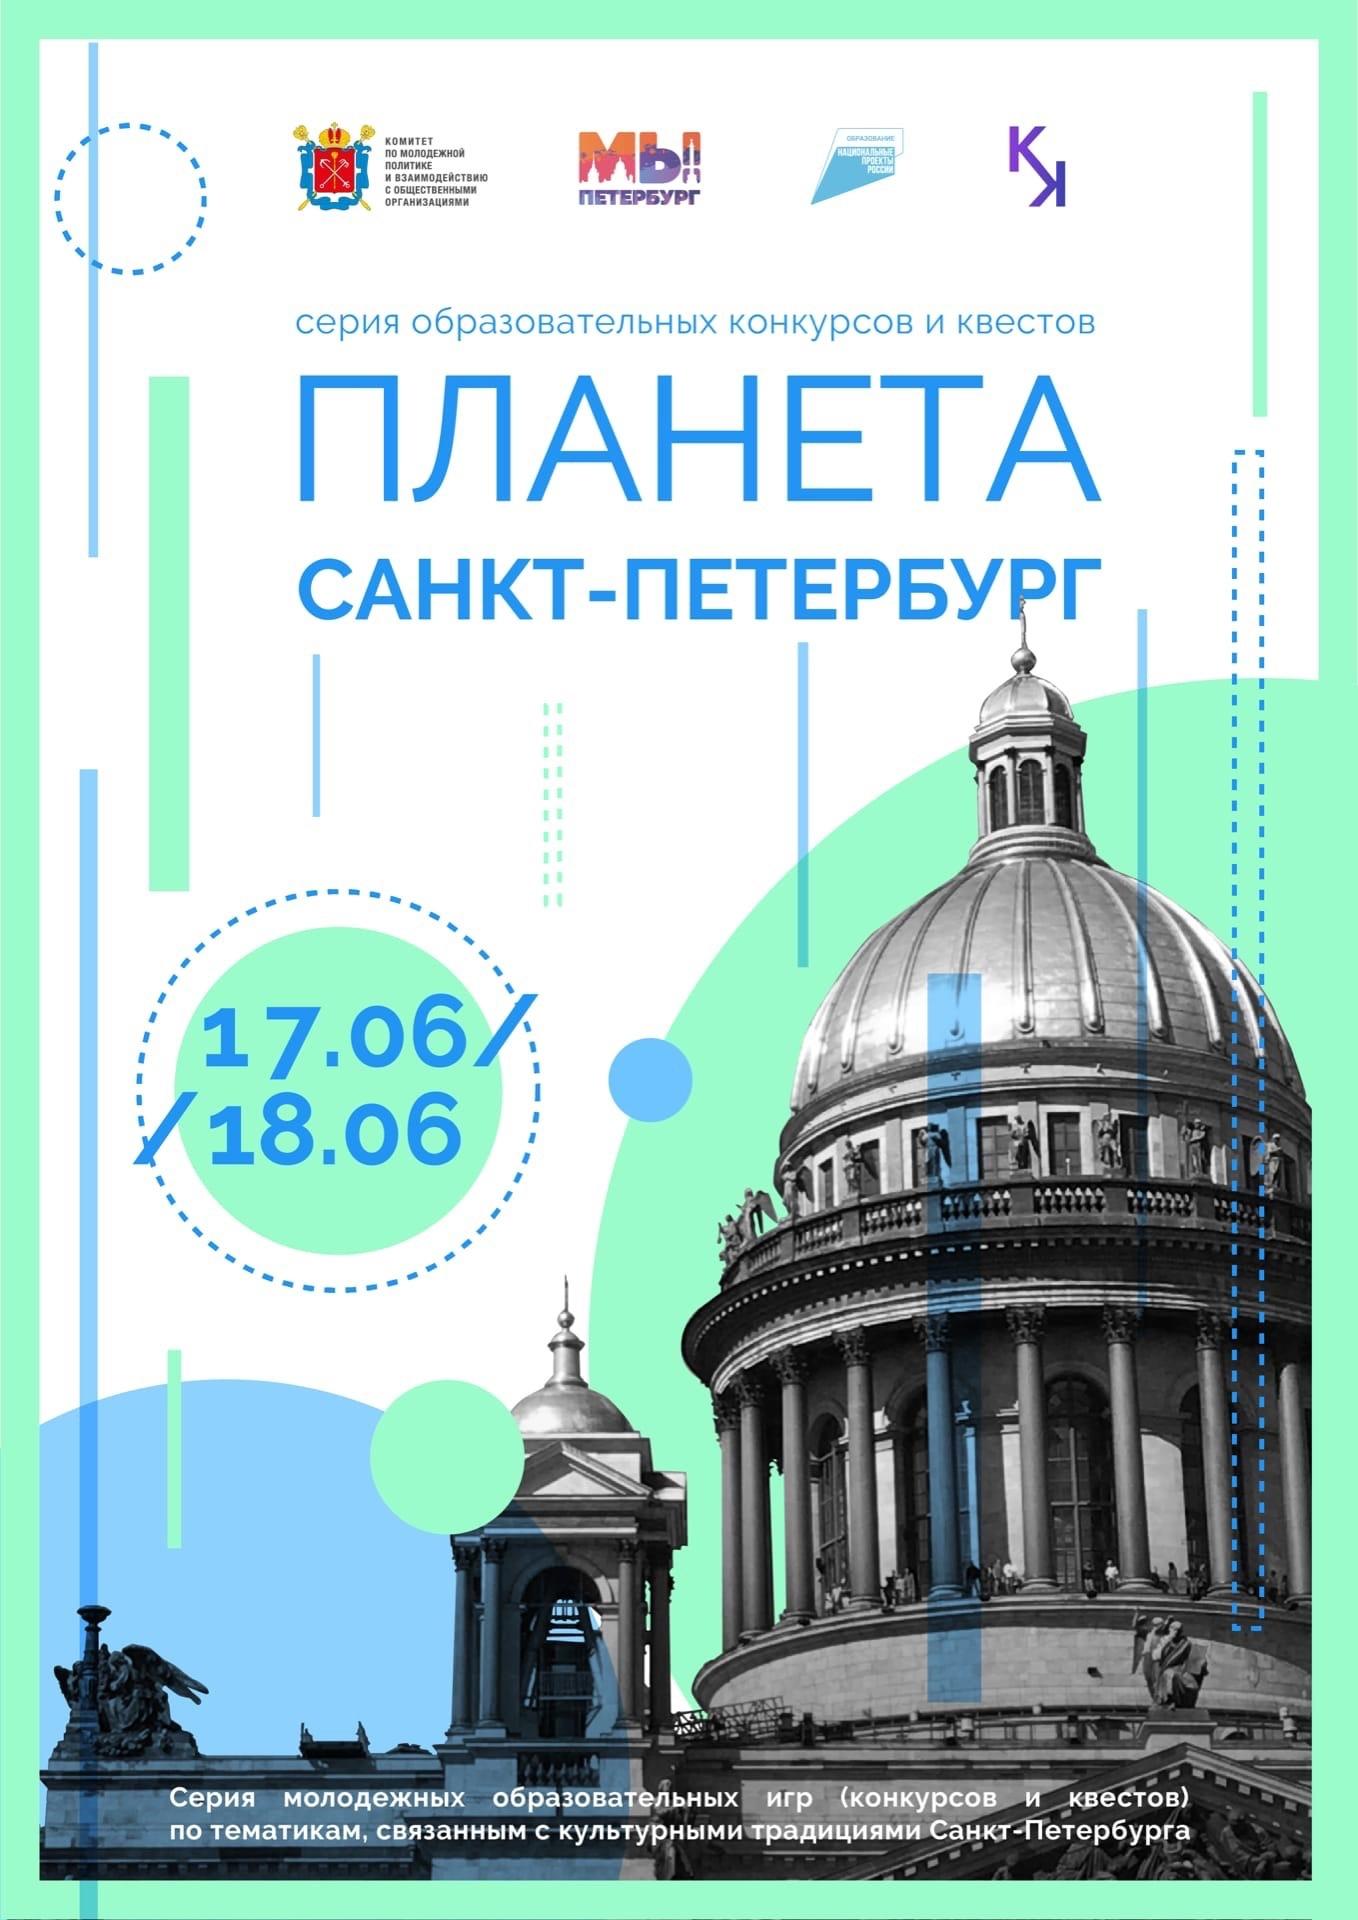 Планета Петербург